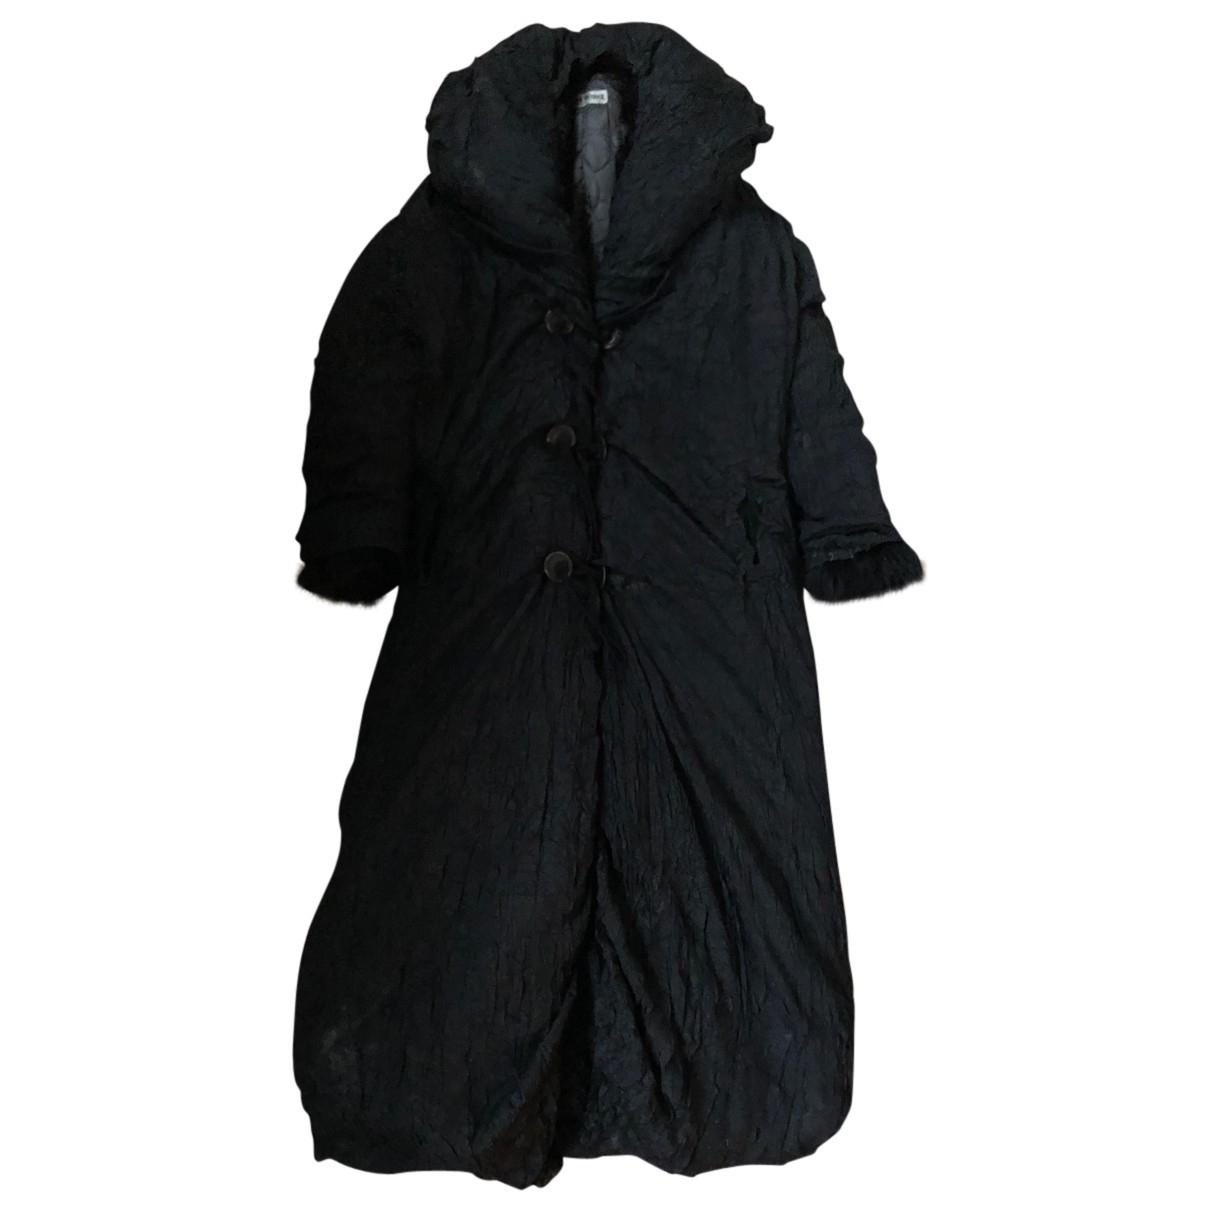 Issey Miyake - Manteau   pour homme en fourrure synthetique - noir